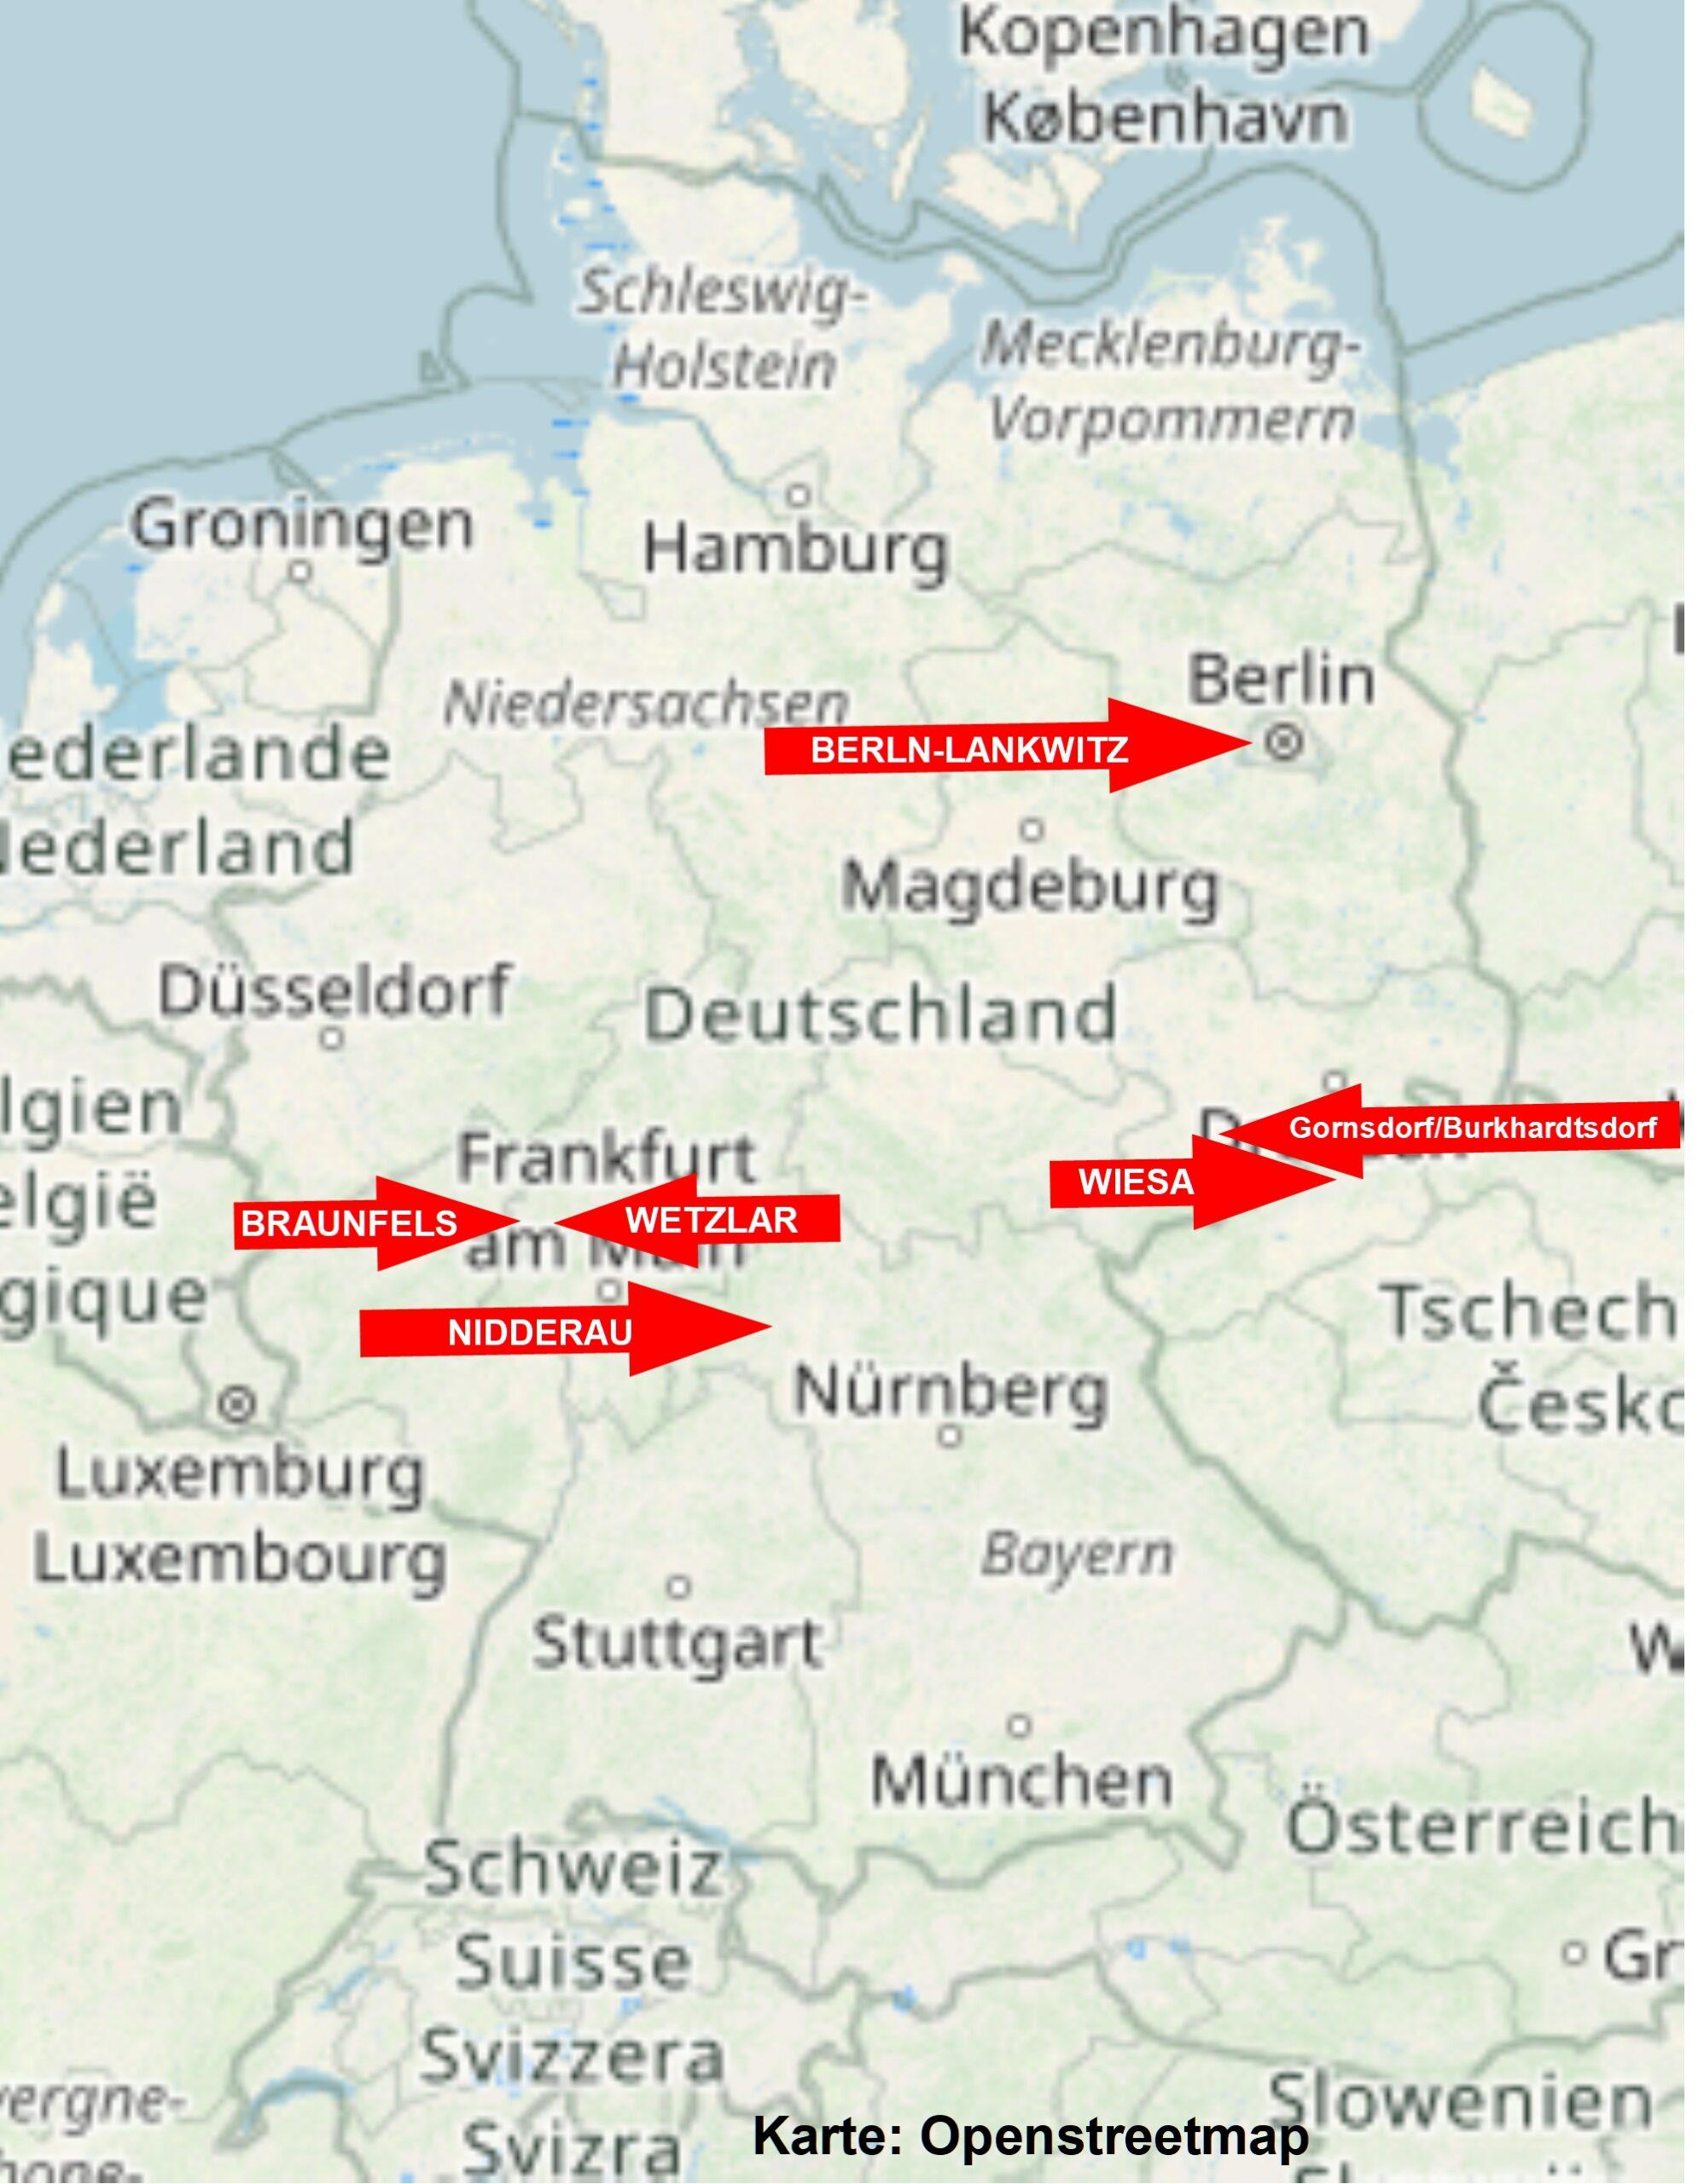 EmK-Gemeinden im Gemeinschaftsbund in Deutschland